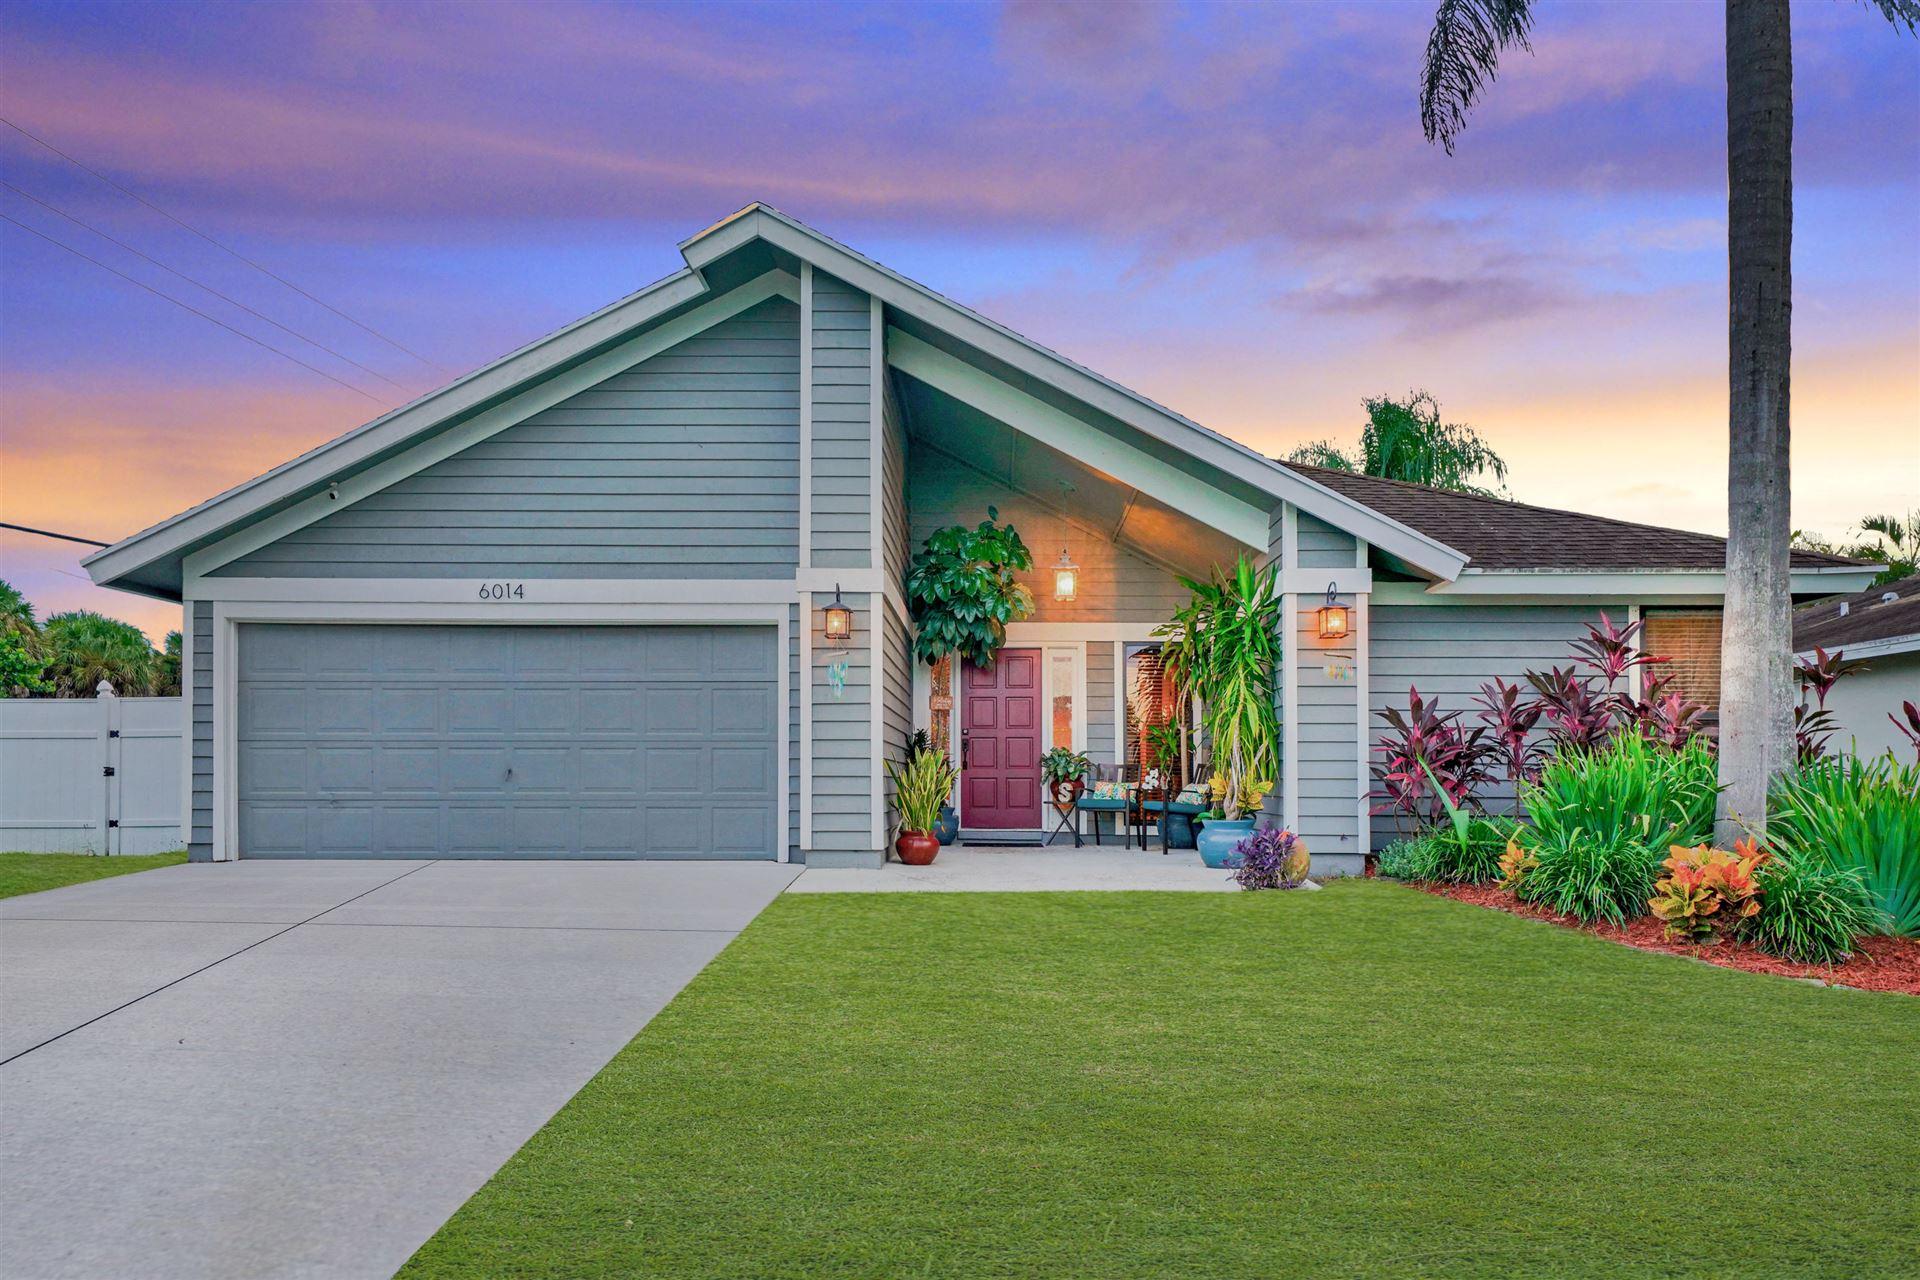 6014 Linton Street, Jupiter, FL 33458 - #: RX-10662766